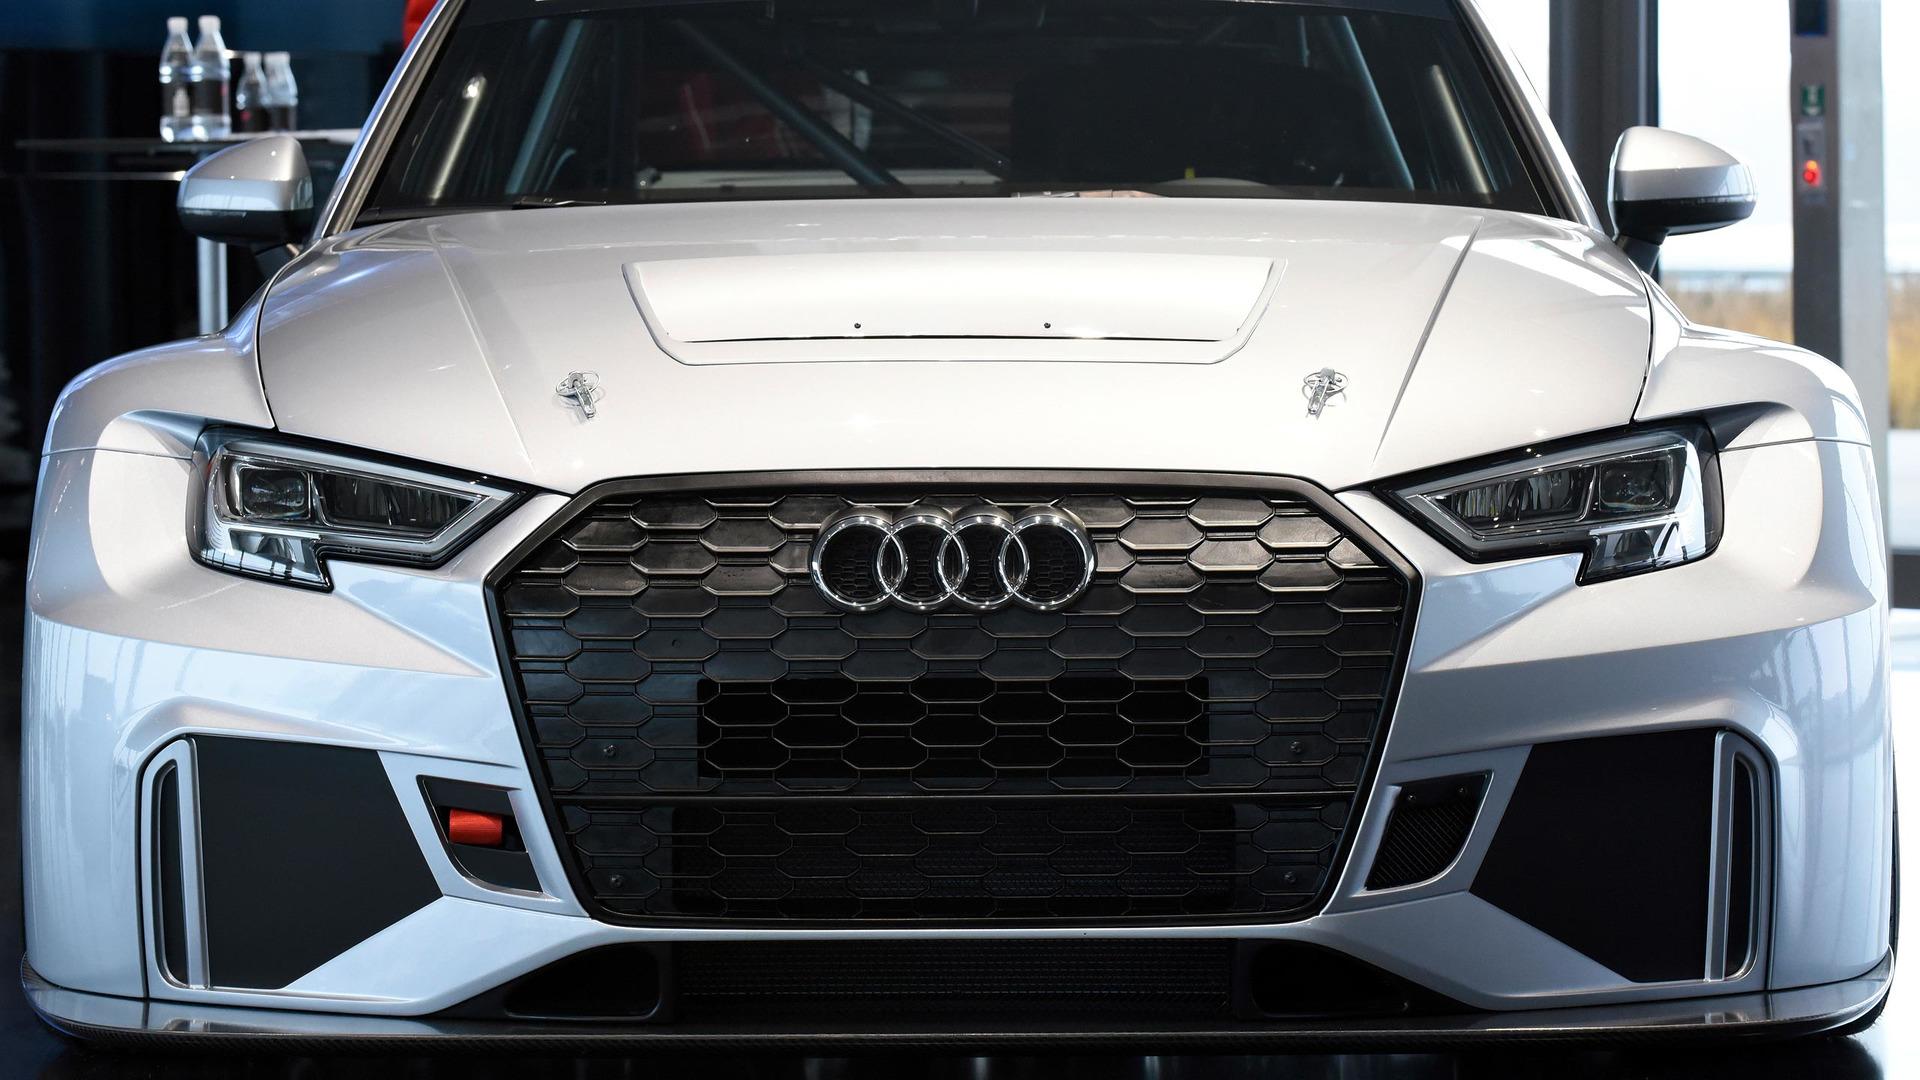 Kekurangan Audi Rs3 Lms Review